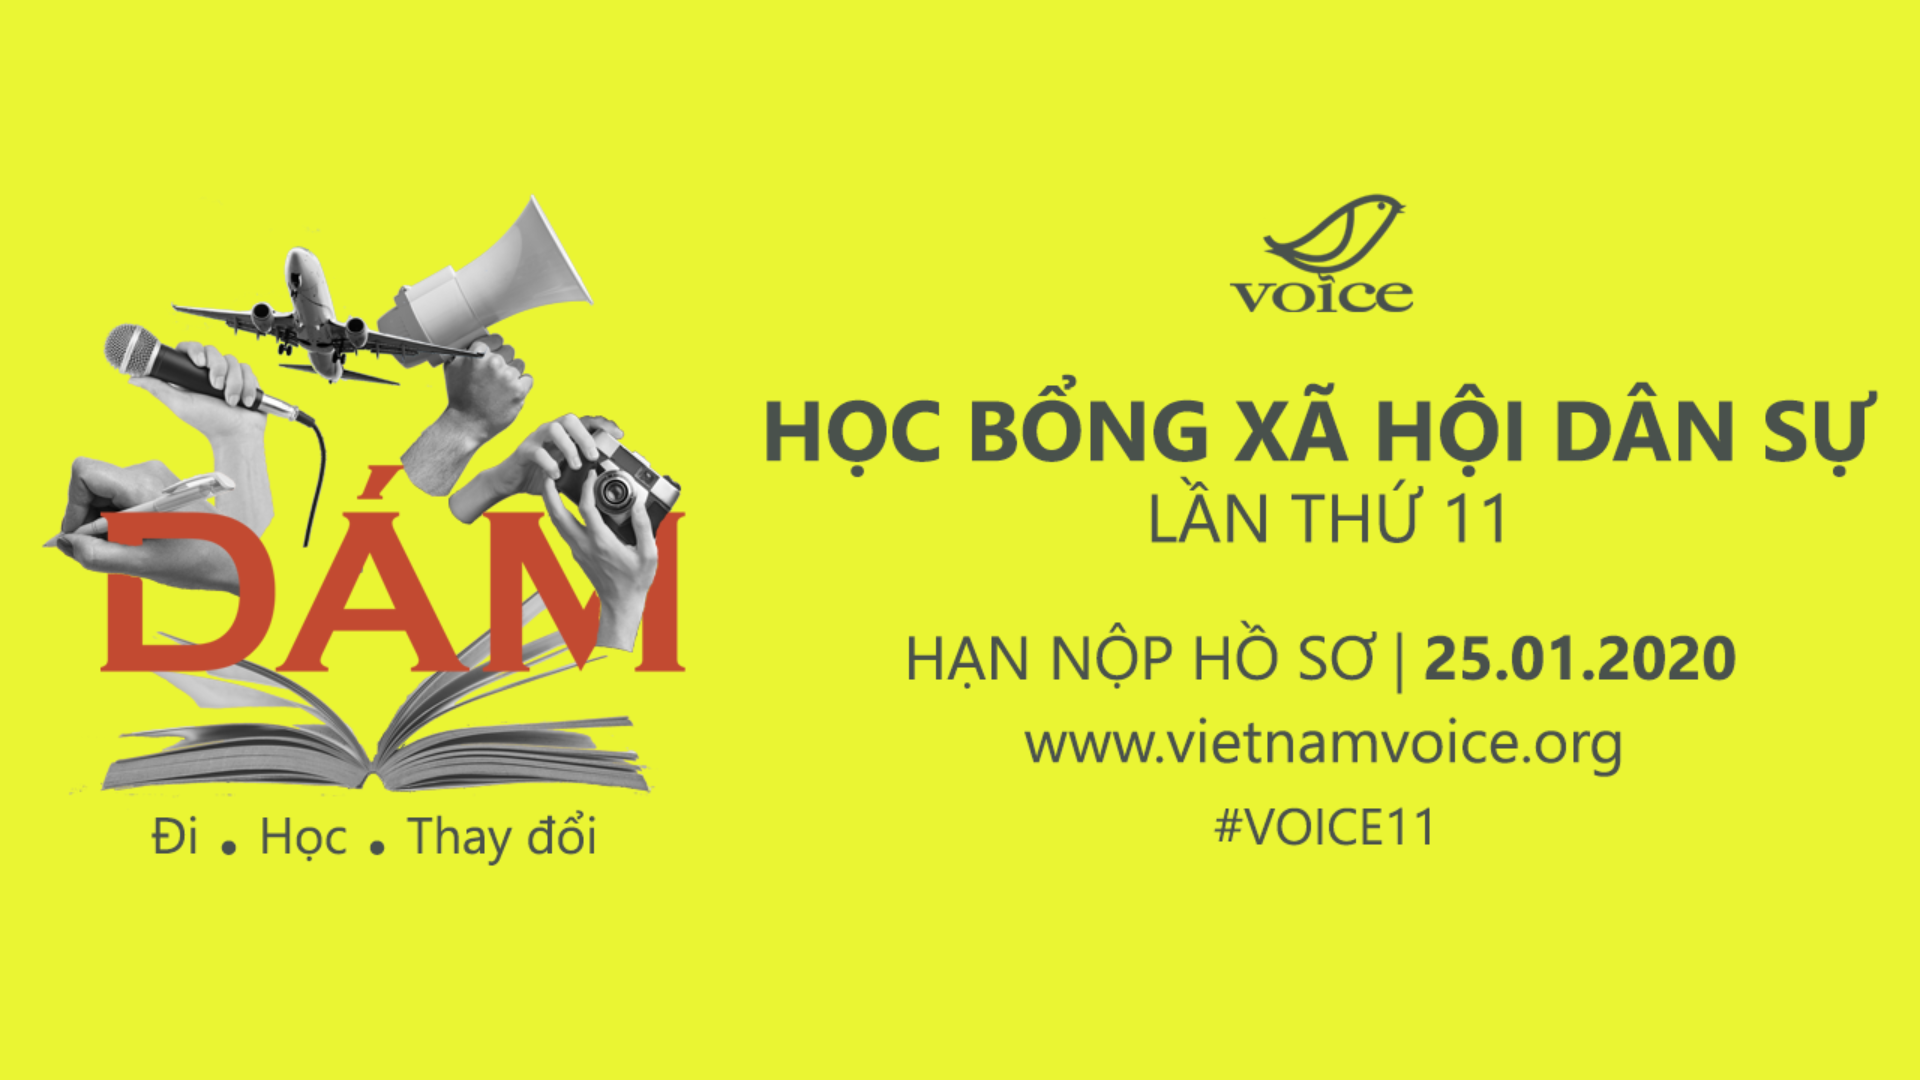 (Tiếng Việt) Học bổng Xã hội Dân sự VOICE lần thứ 11